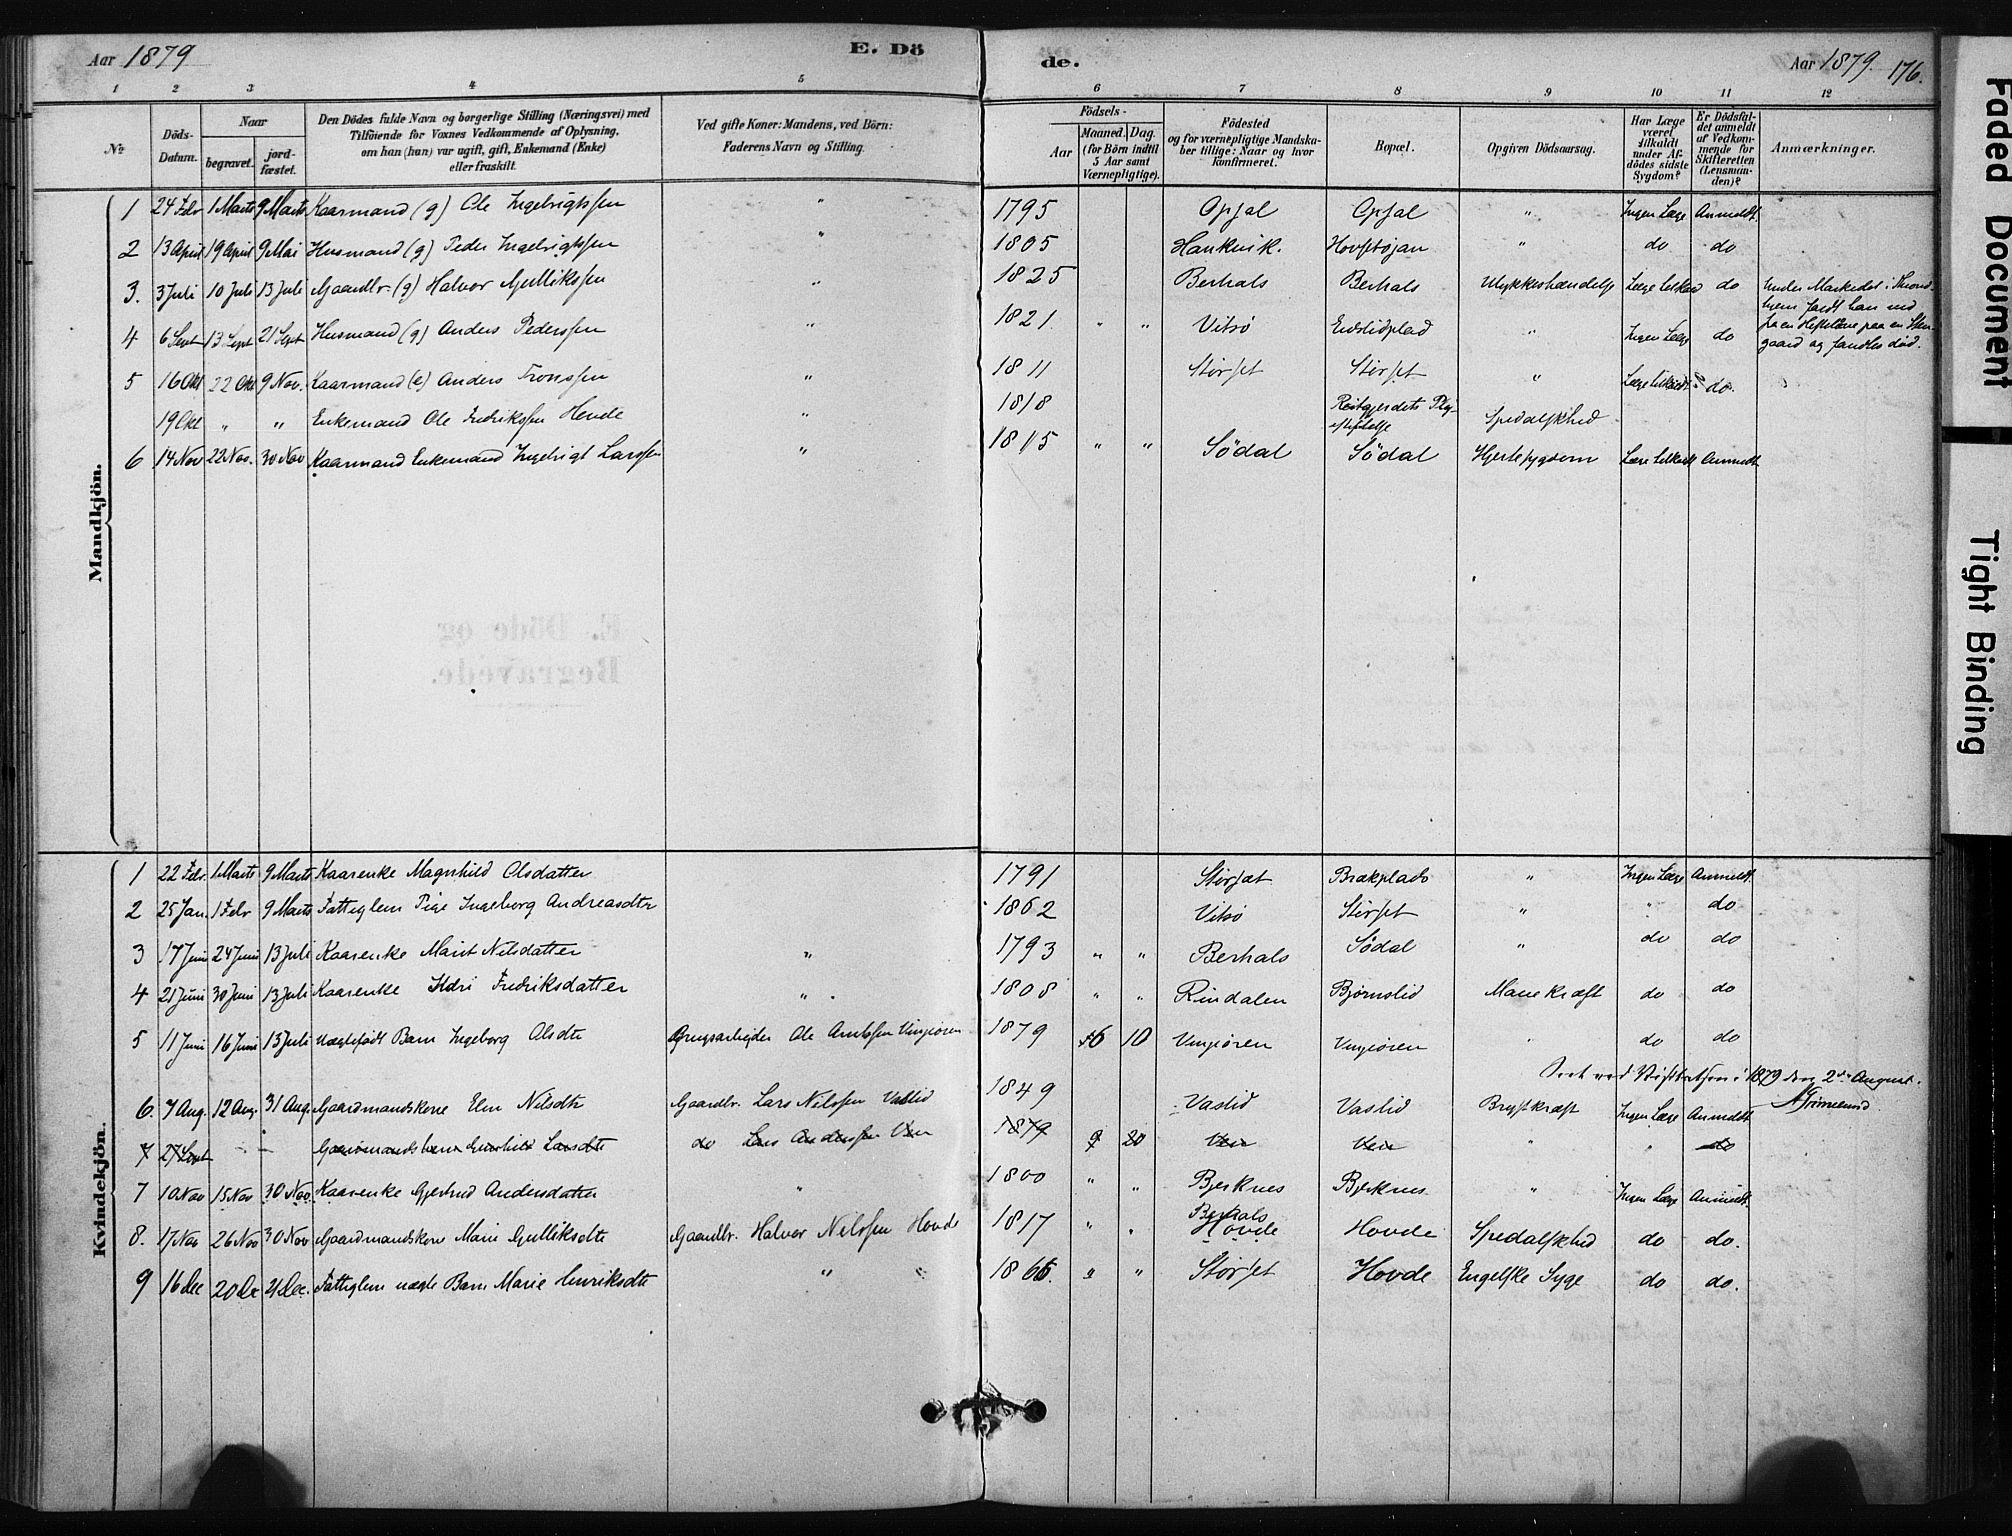 SAT, Ministerialprotokoller, klokkerbøker og fødselsregistre - Sør-Trøndelag, 631/L0512: Ministerialbok nr. 631A01, 1879-1912, s. 176